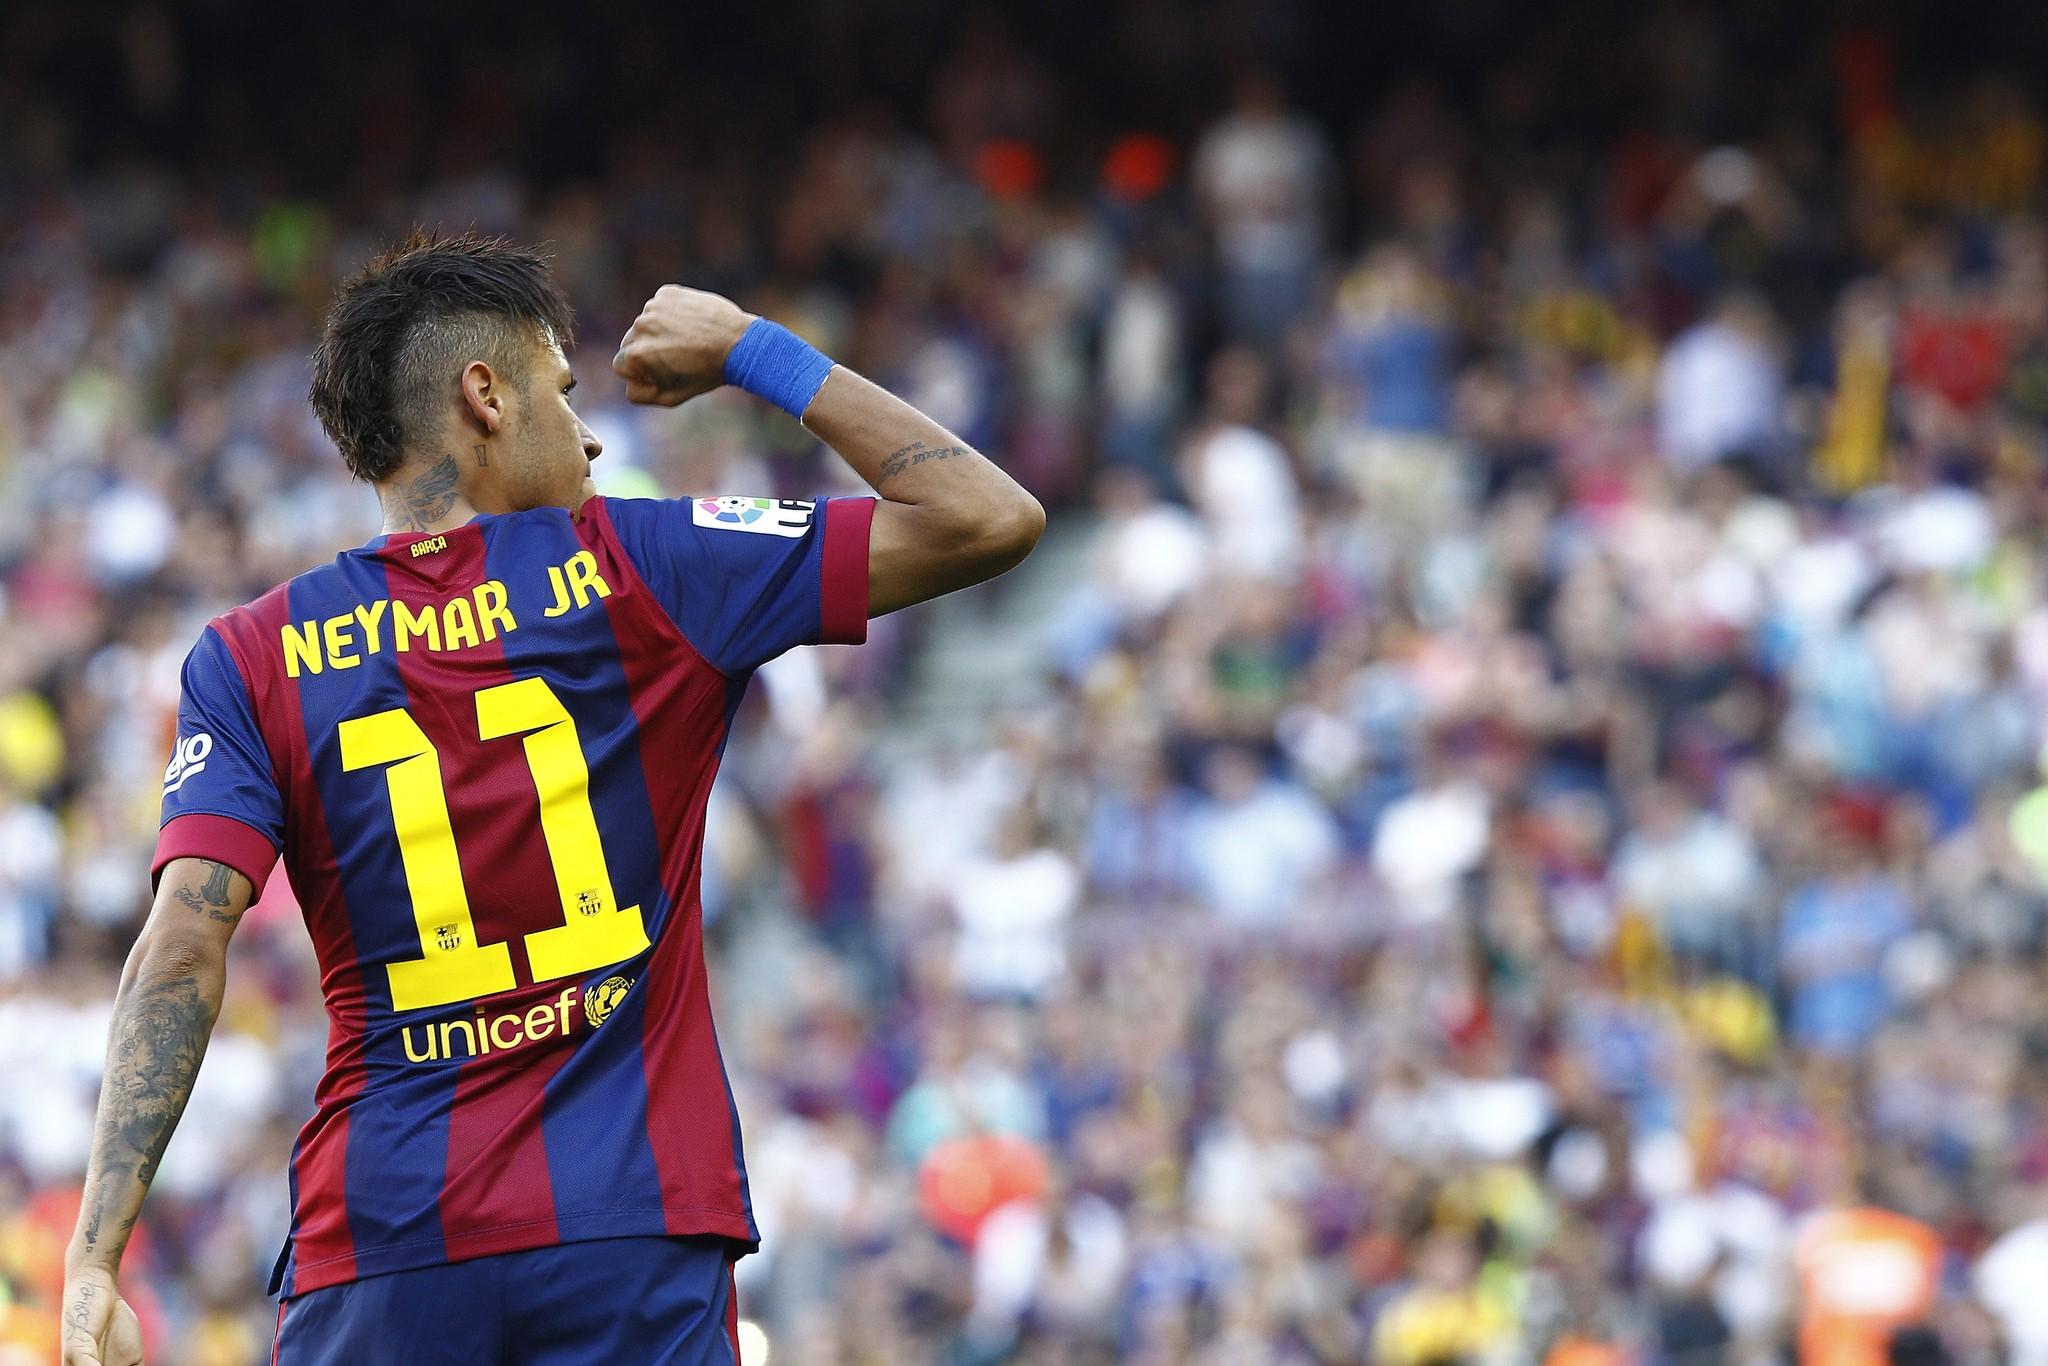 Neymar a ouvert le score face à la Real Sociedad